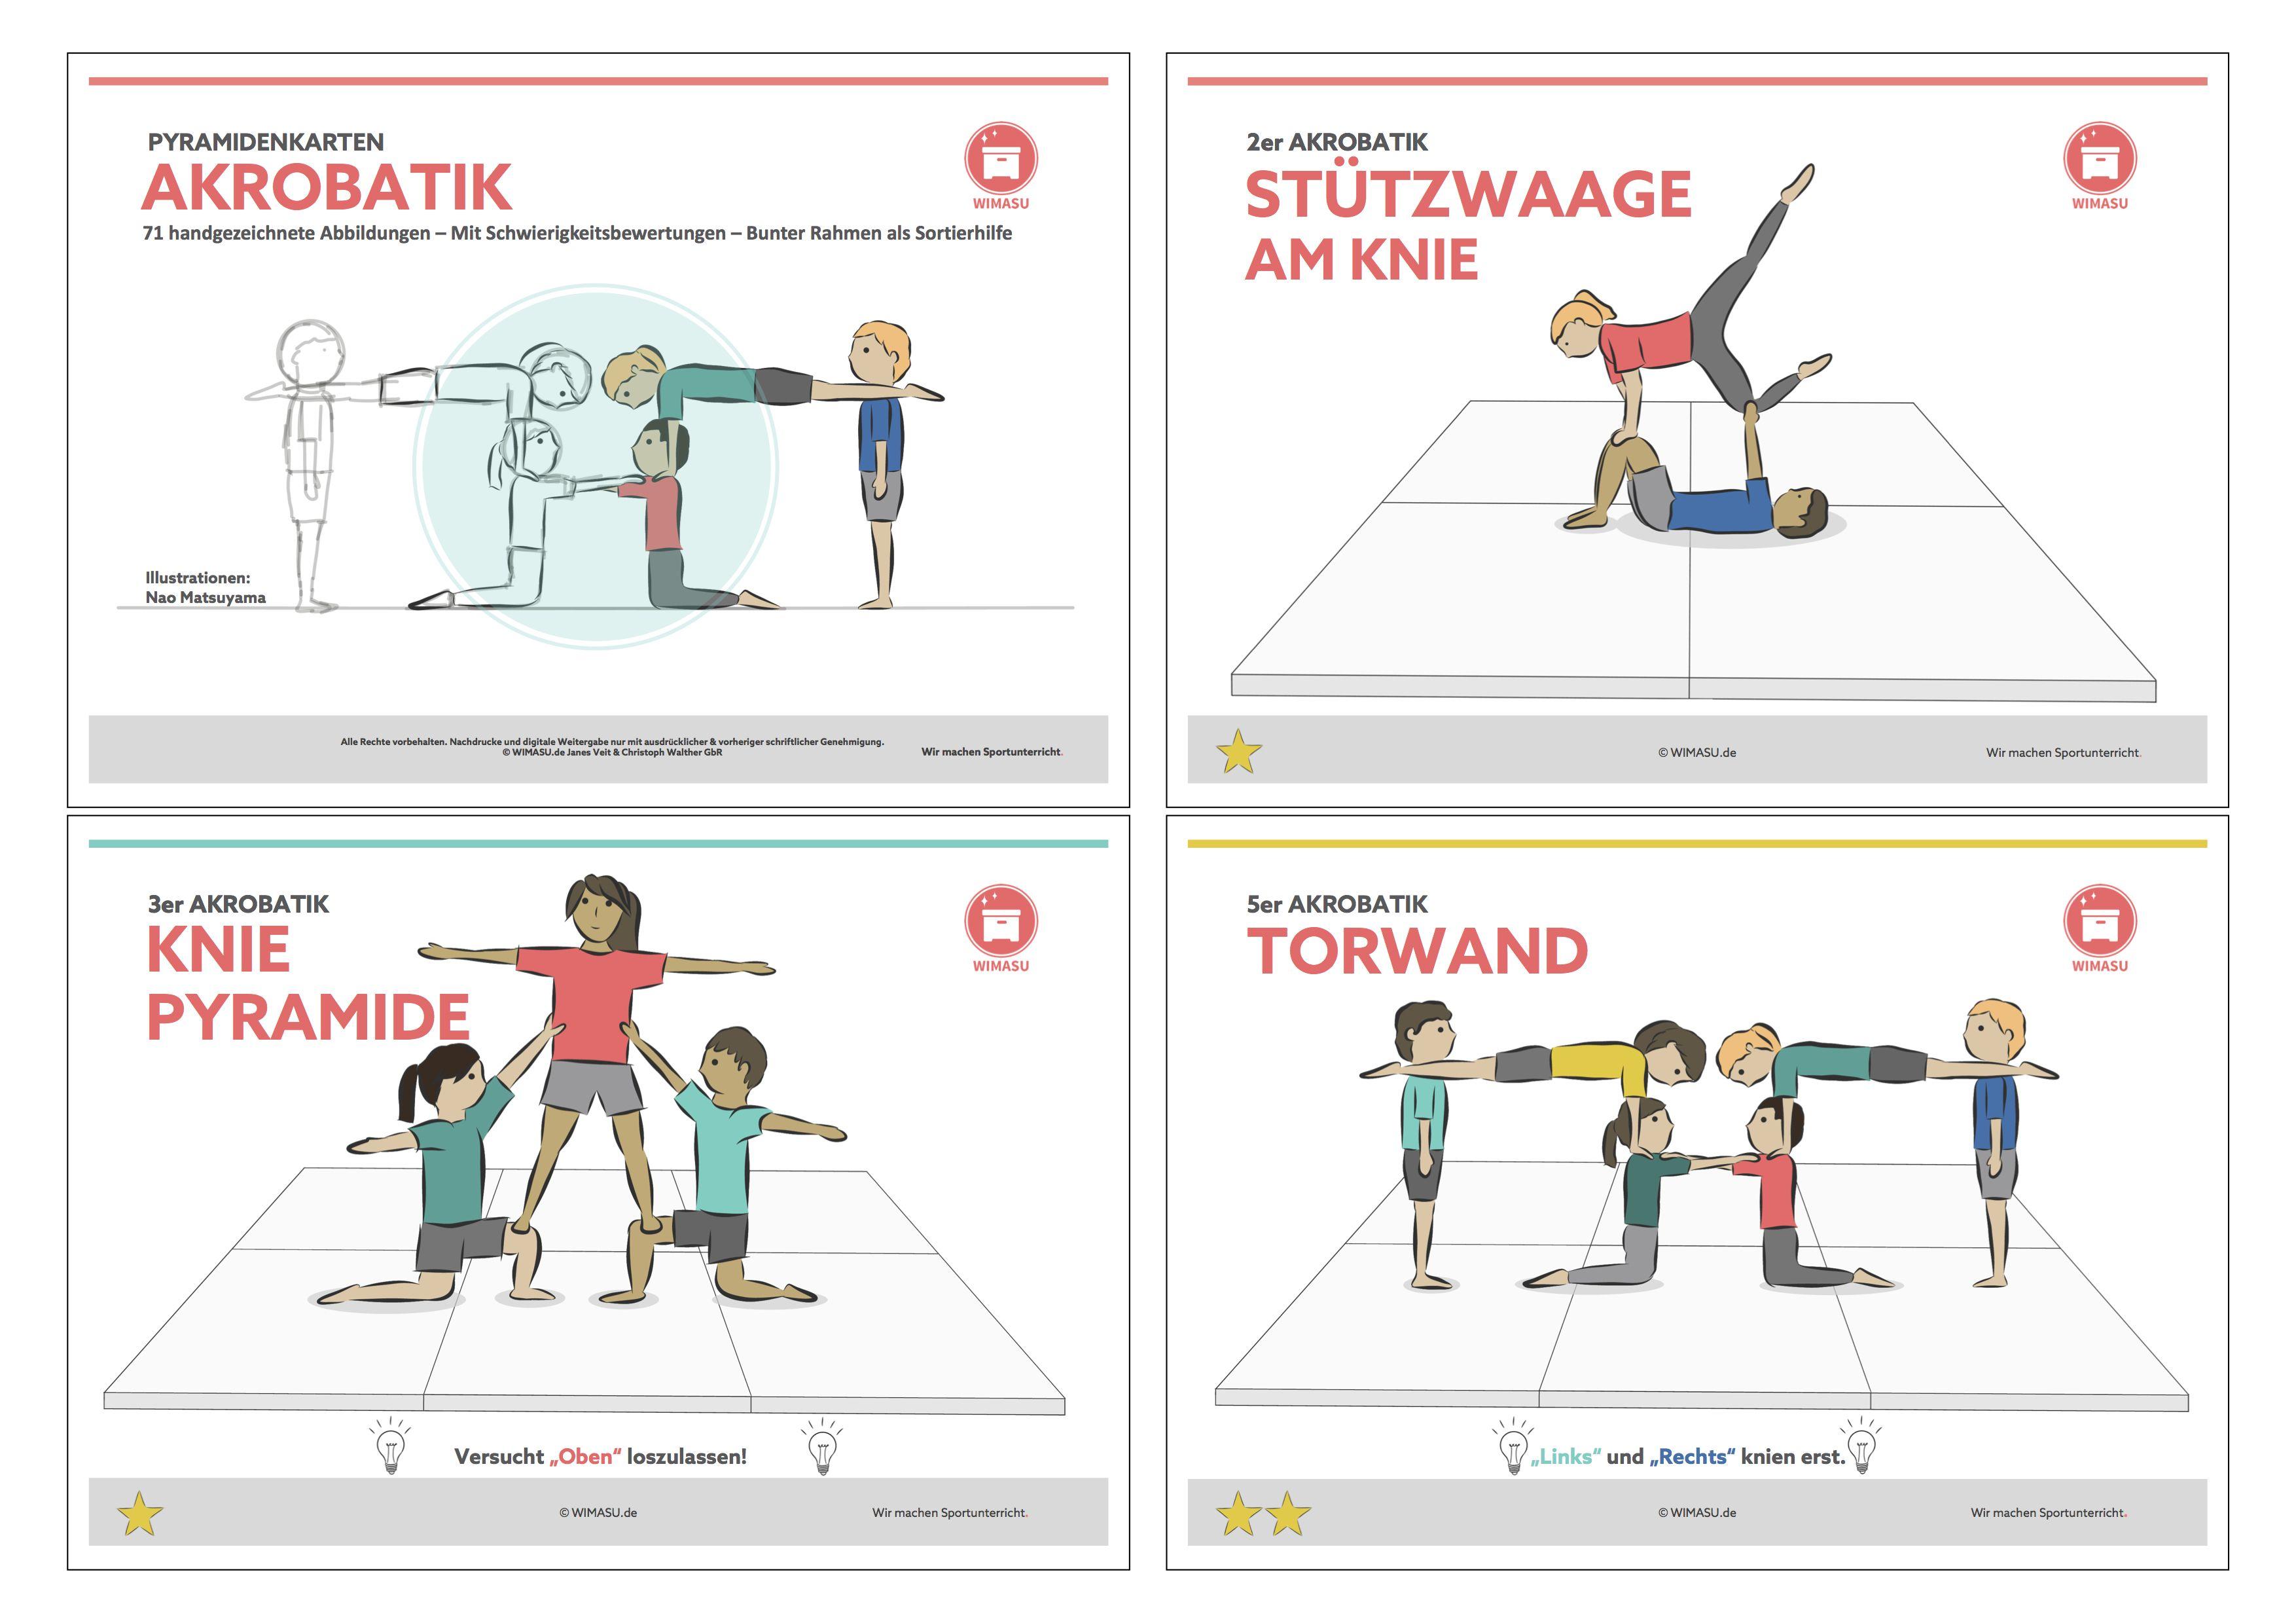 KarteiSportunterrichtUnd Die Akrobatik Akrobatik Die KarteiSportunterrichtUnd Sport cjA35R4qL